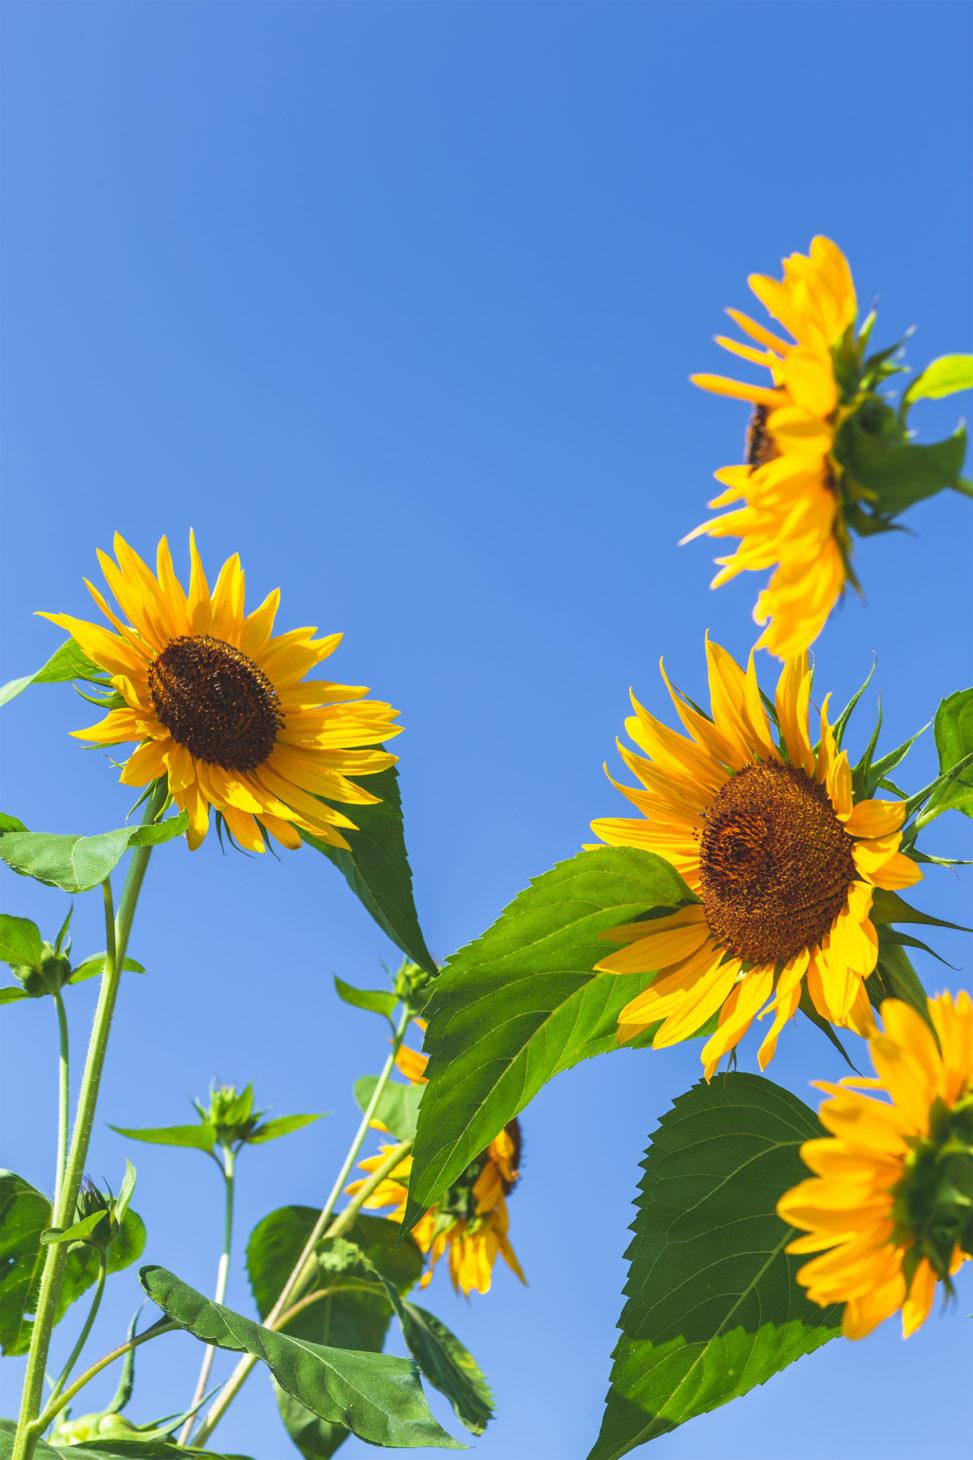 ひまわり(向日葵)と夏の空04の写真素材